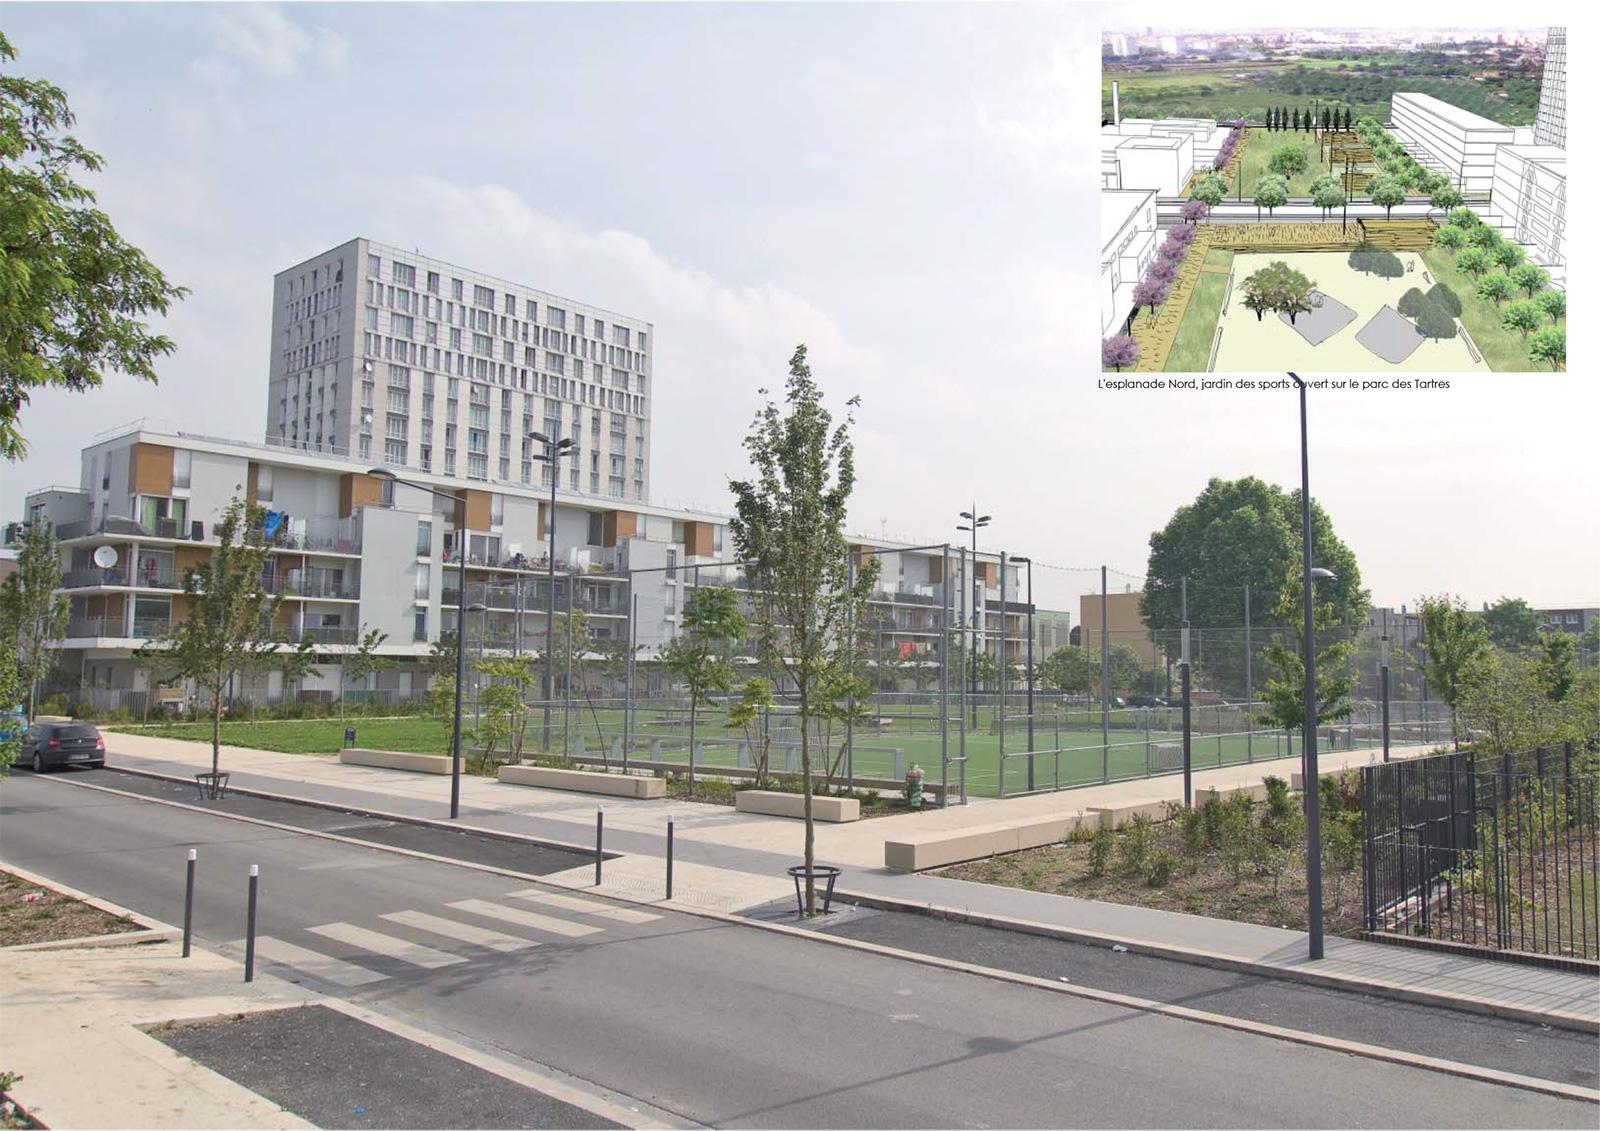 L'esplanade Nord, « jardin des sports » ouvert sur le parc des Tartres - à gauche la Maison du temps libre (architecte G. Le Penhuel)